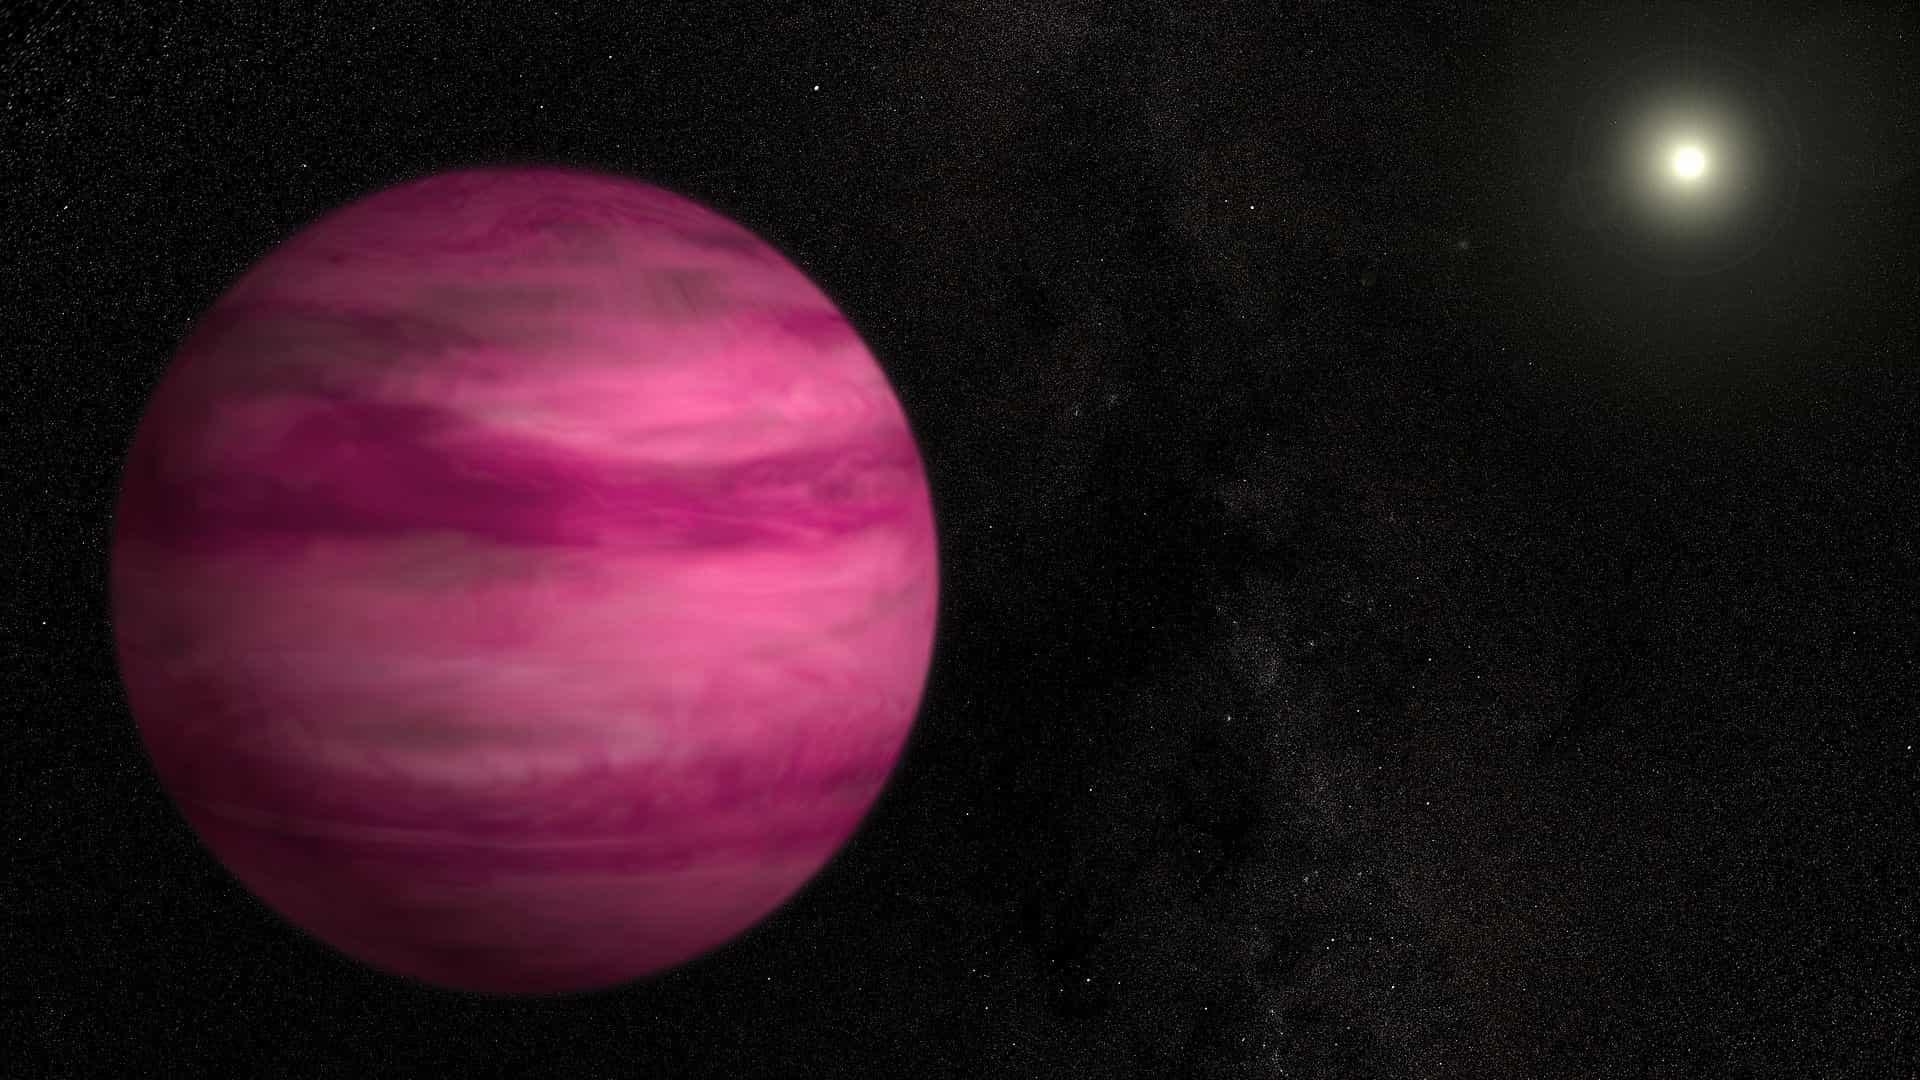 Planeta cor-de-rosa pode ser um dos mais bonitos avistados pela NASA